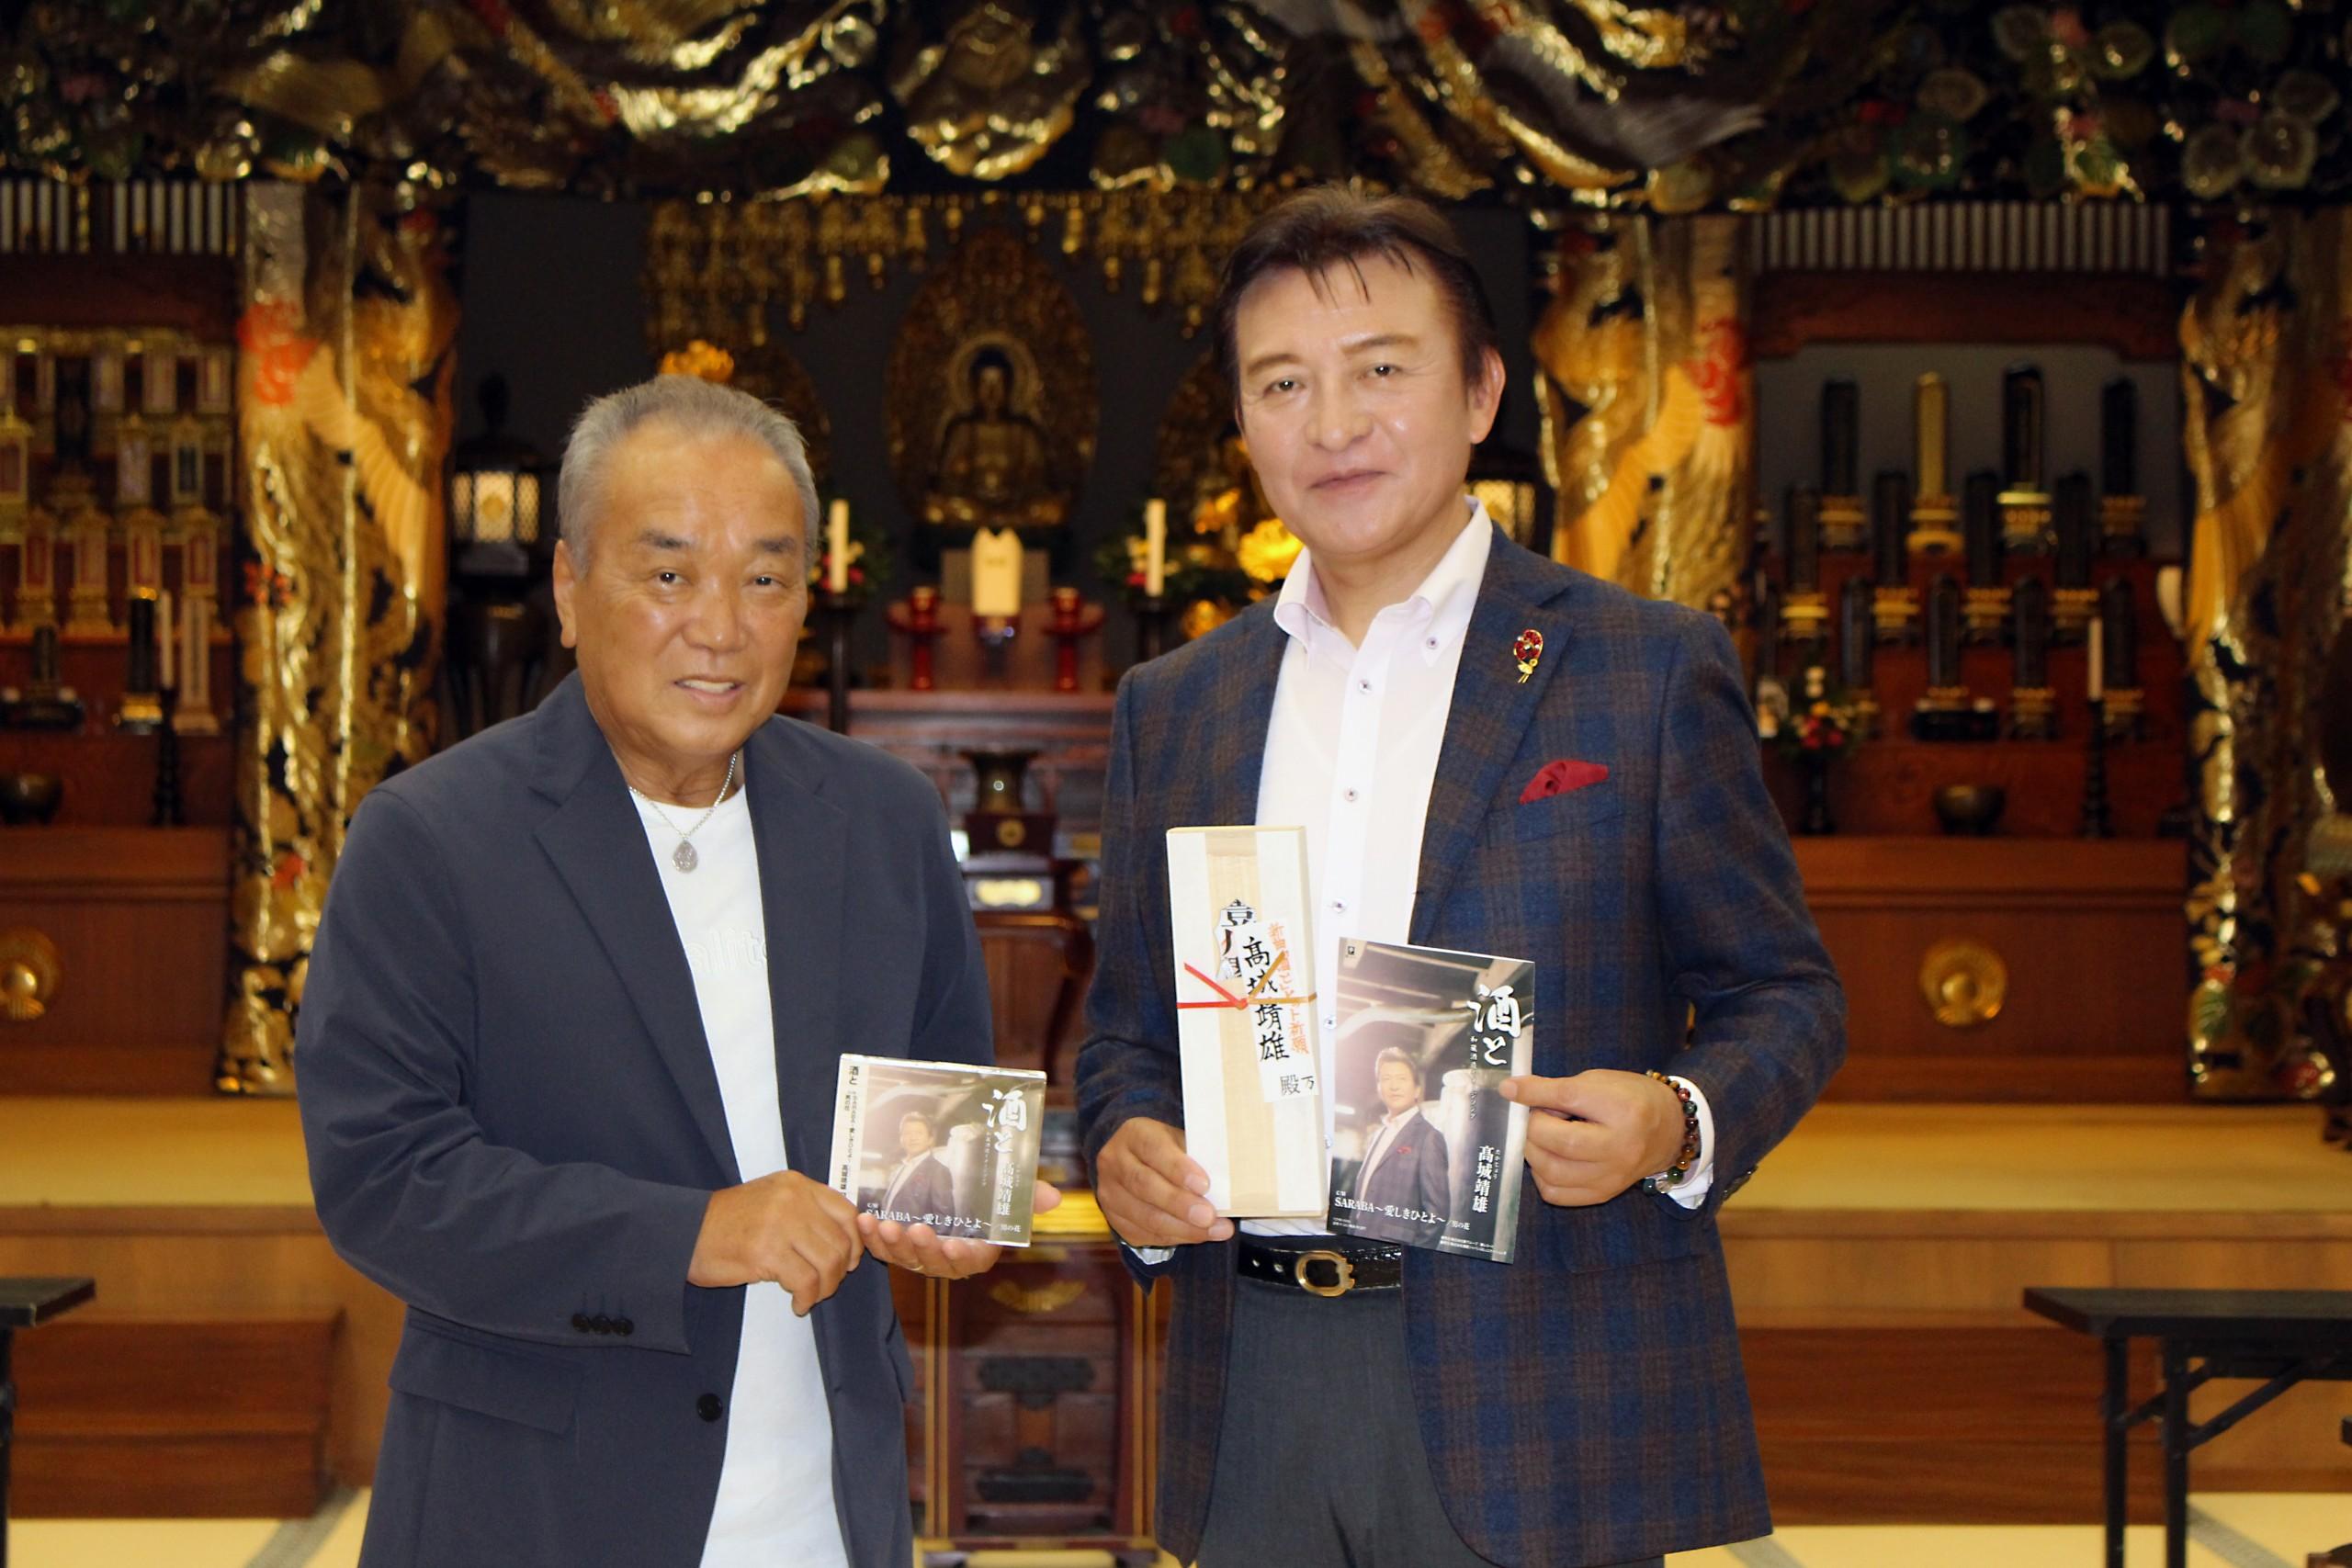 髙城靖雄と美樹克彦(左)